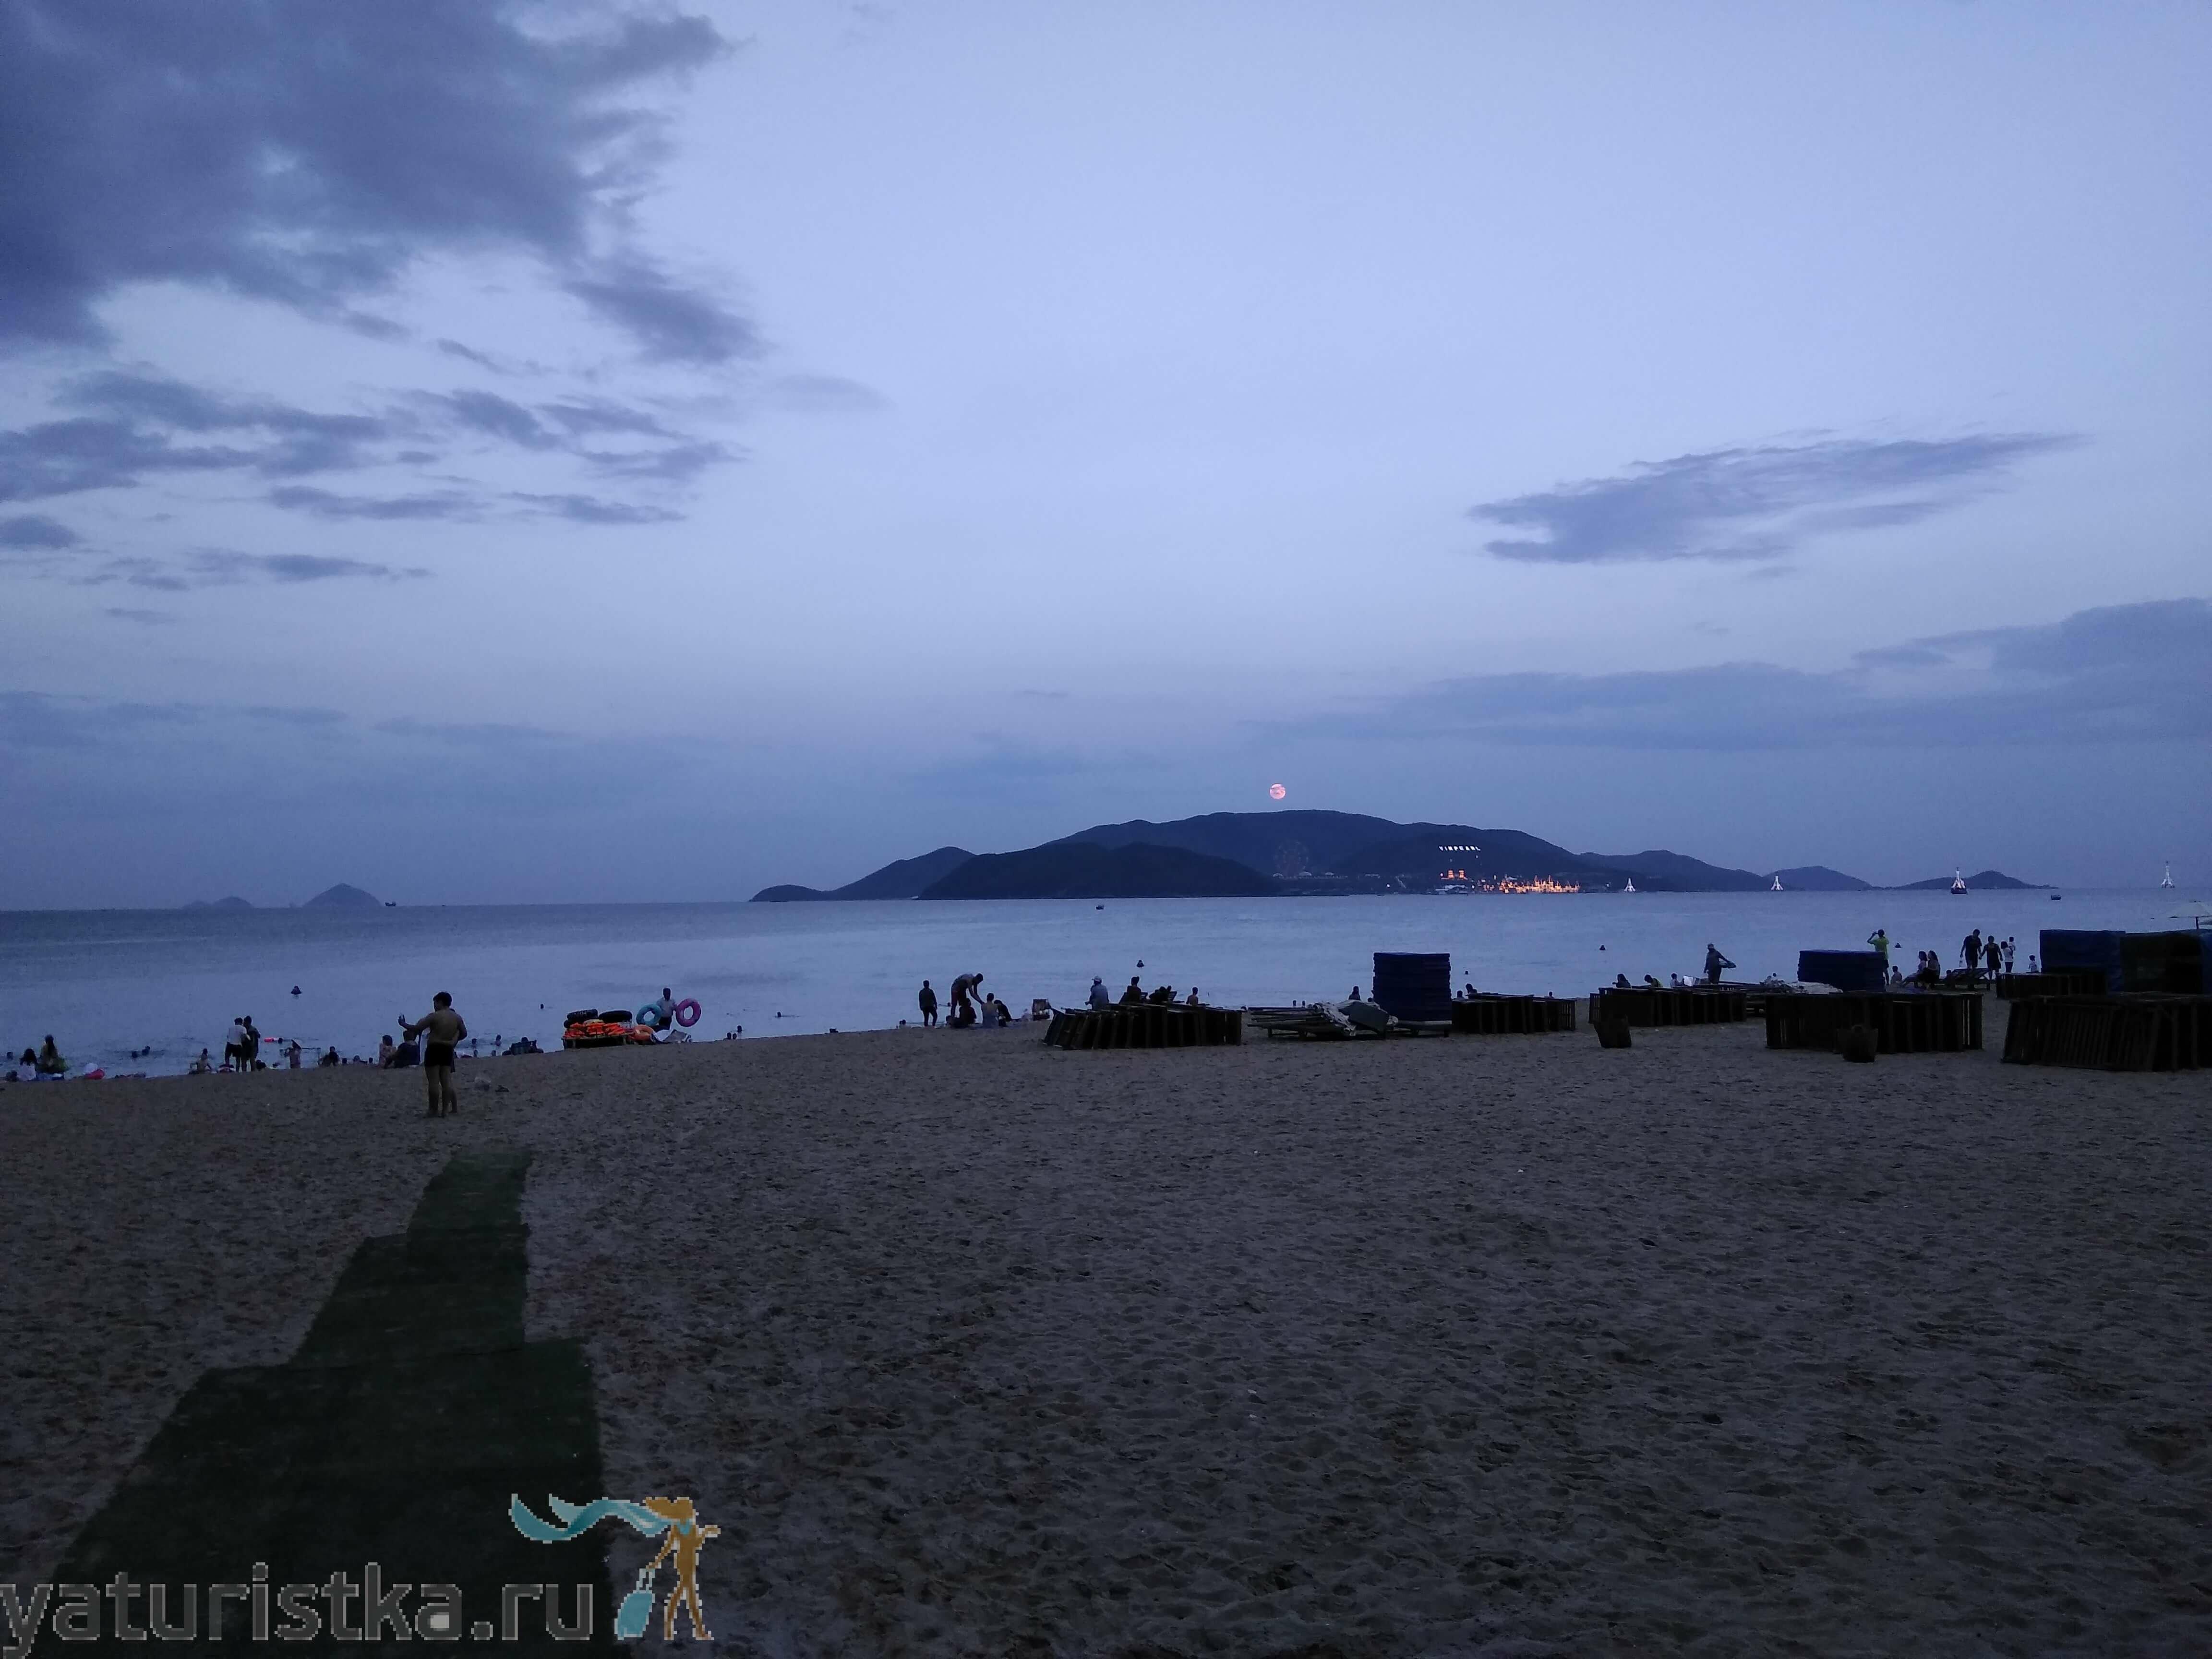 Вечерний пляж в Нячанге